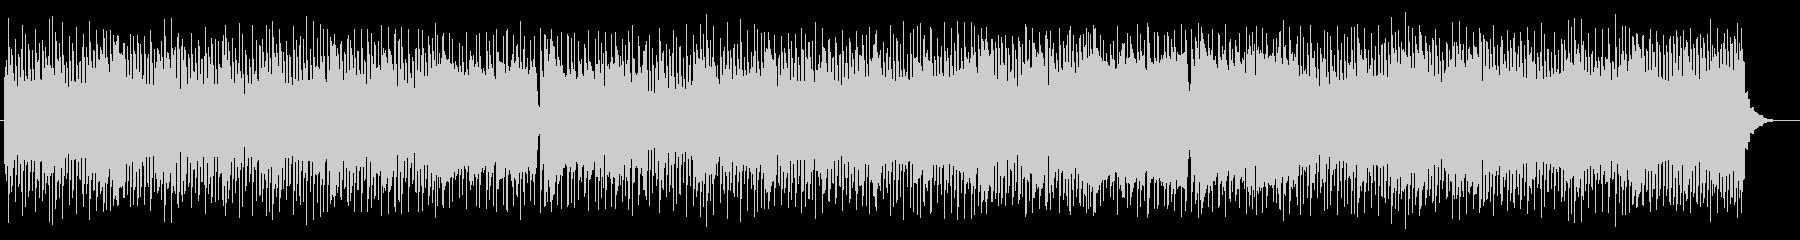 壮大で重厚感あるクラシックバラードの未再生の波形